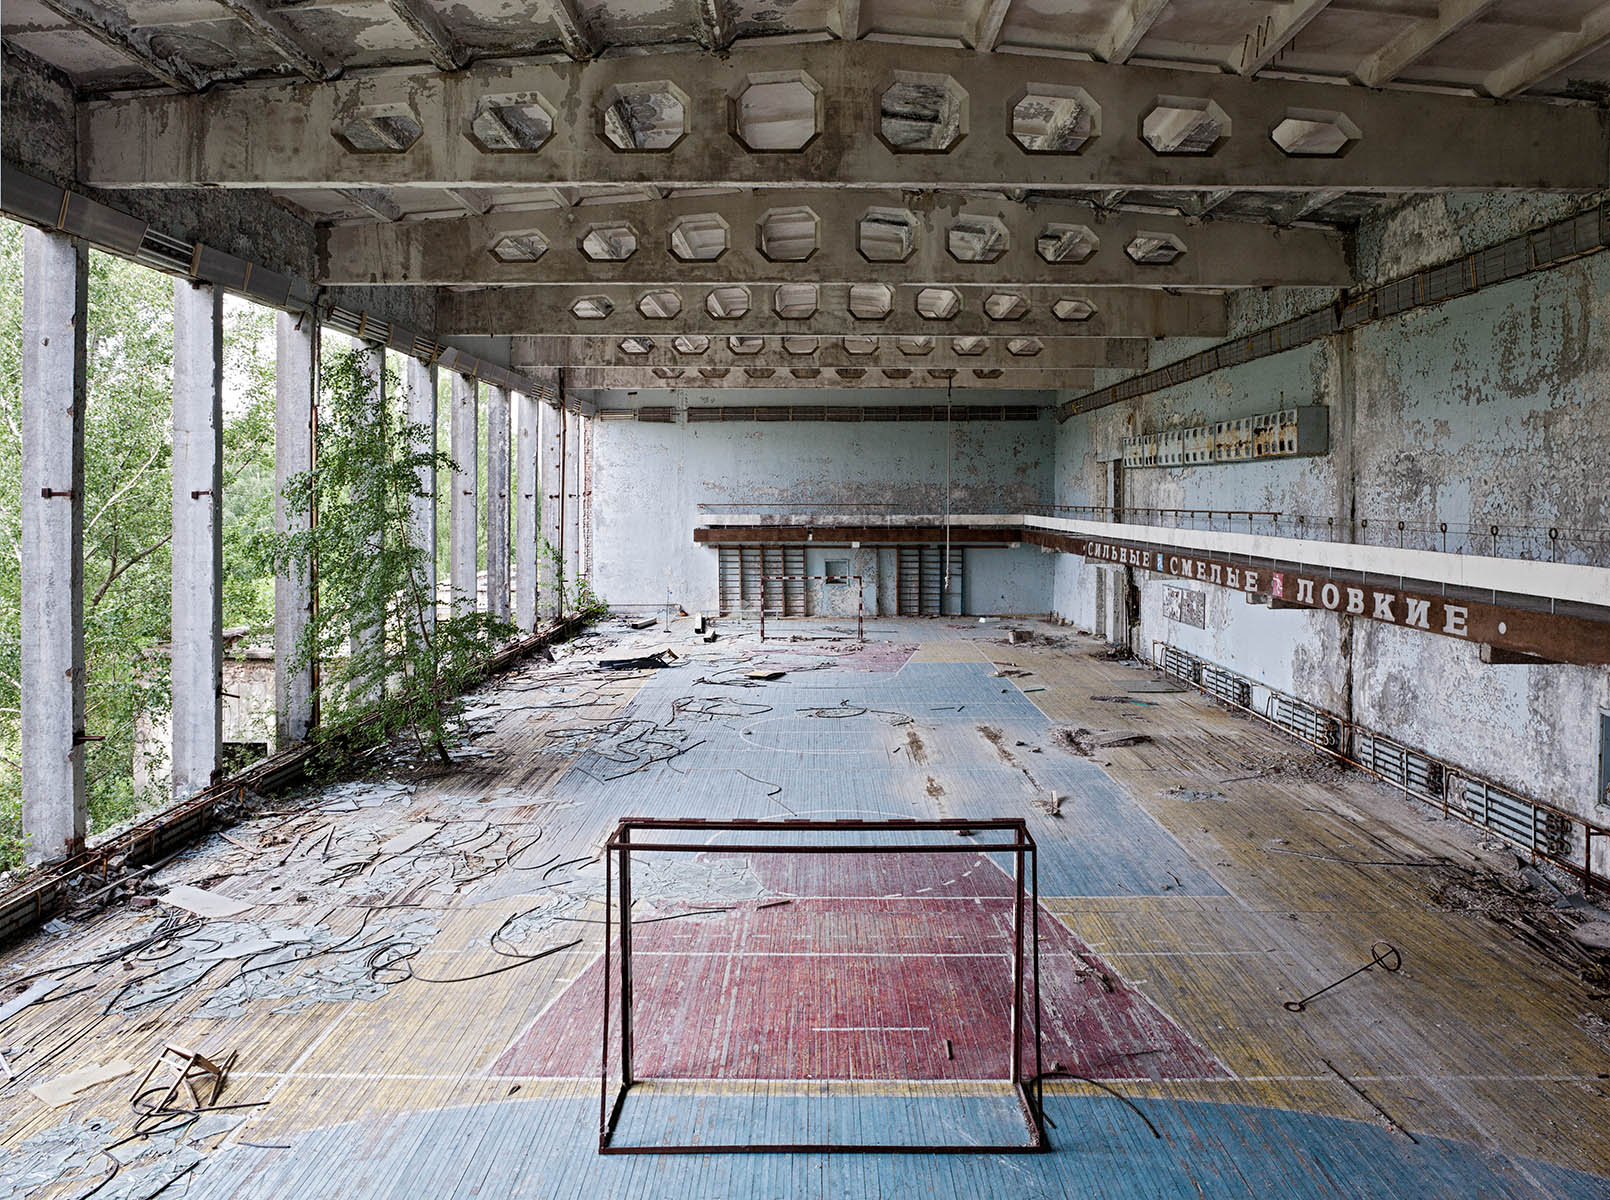 chernobyl_pripyat_04